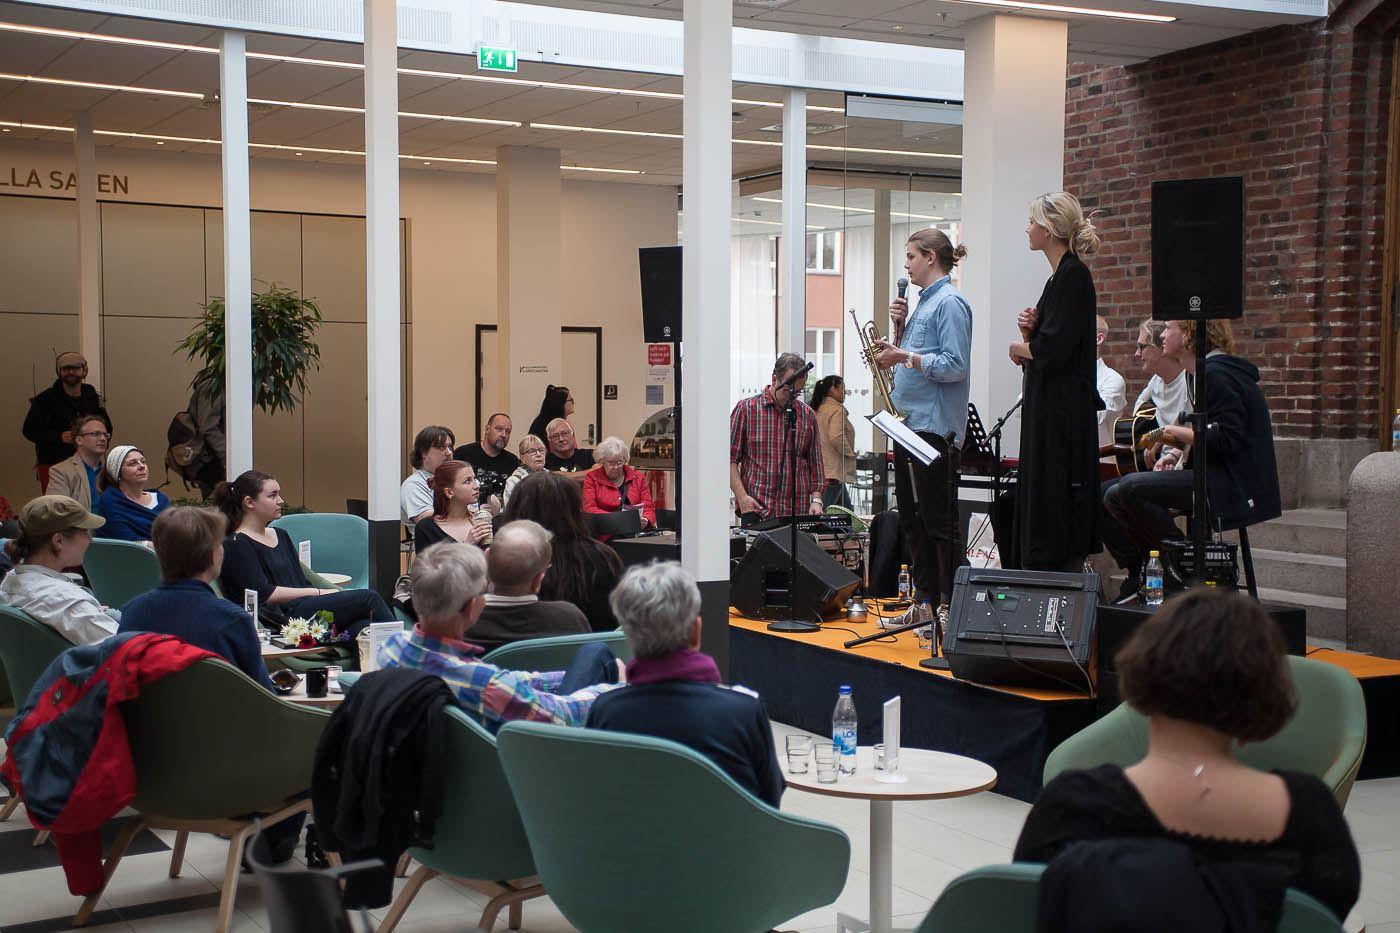 Fotograf: Kristianstads kommun, Stefan Sjölund, Musikhäng med lokala musiker